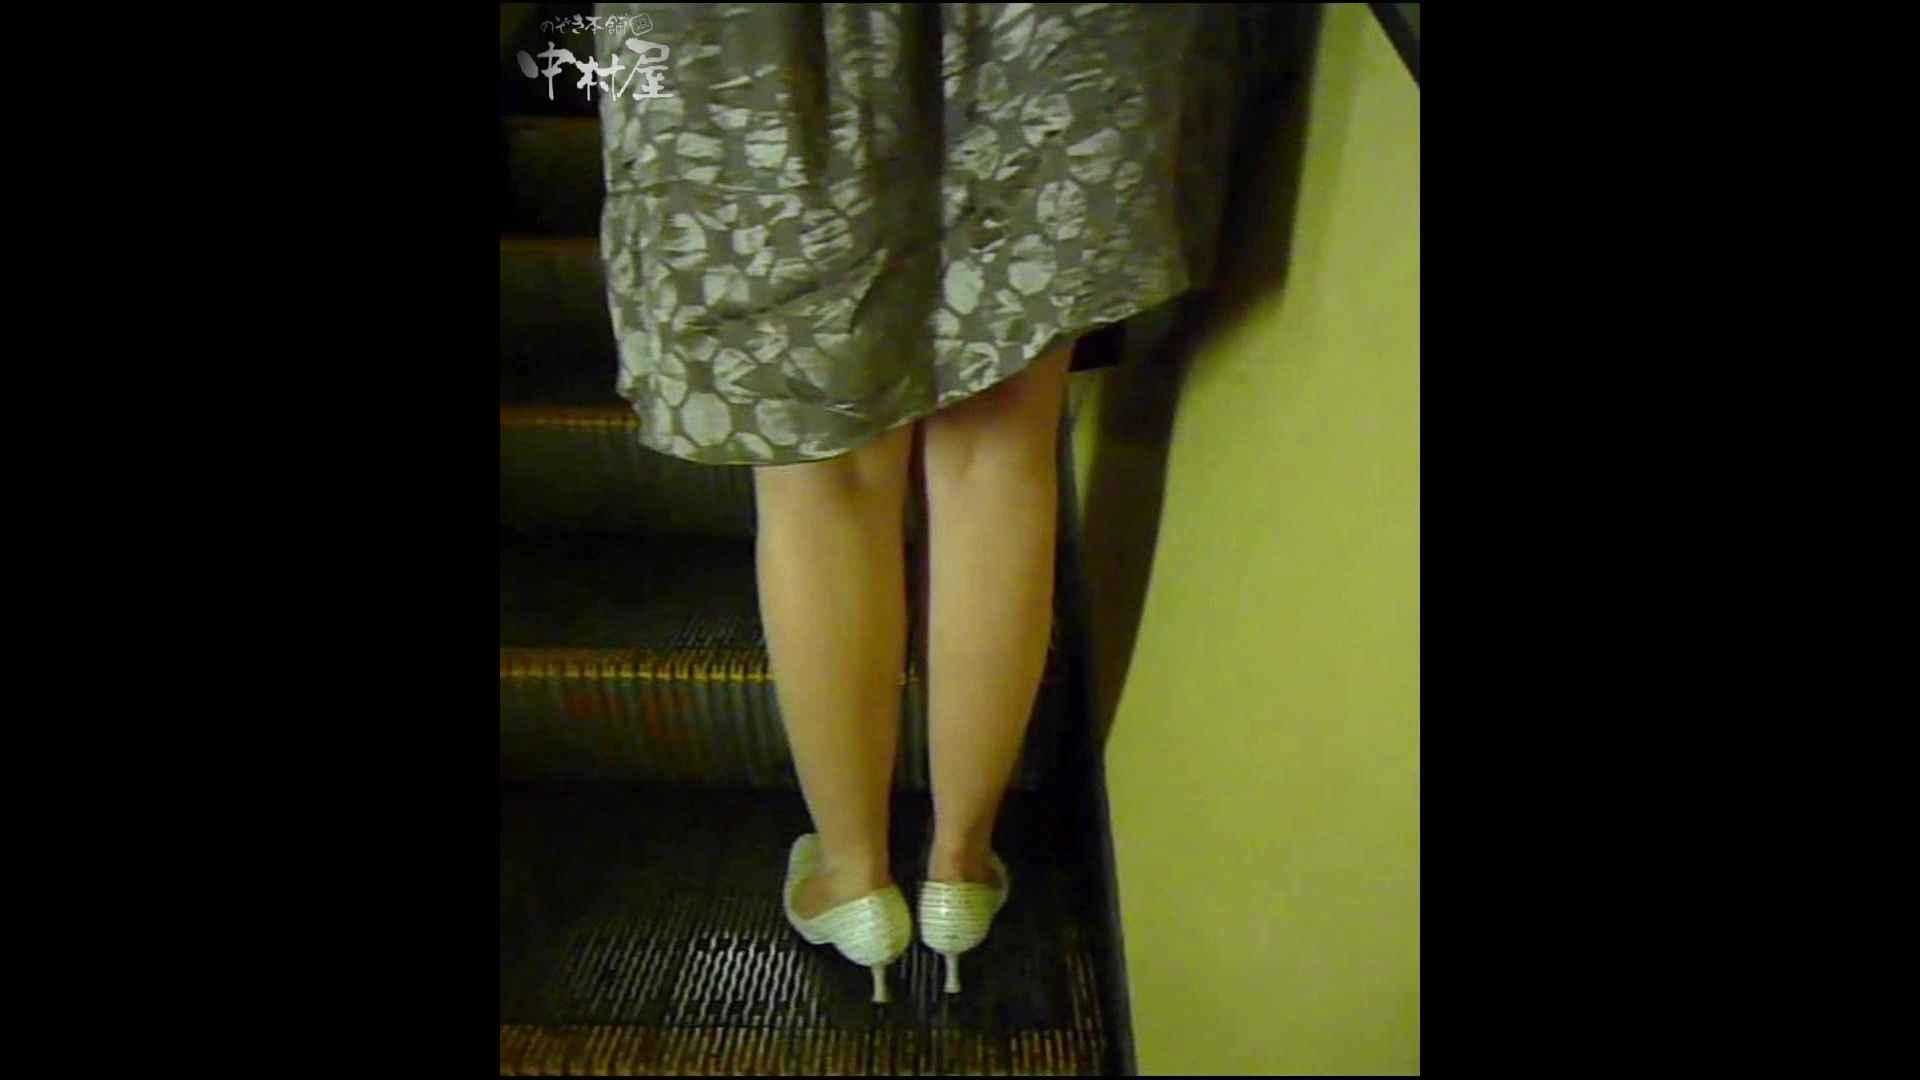 綺麗なモデルさんのスカート捲っちゃおう‼ vol26 エロいお姉さん | 0  10枚 7